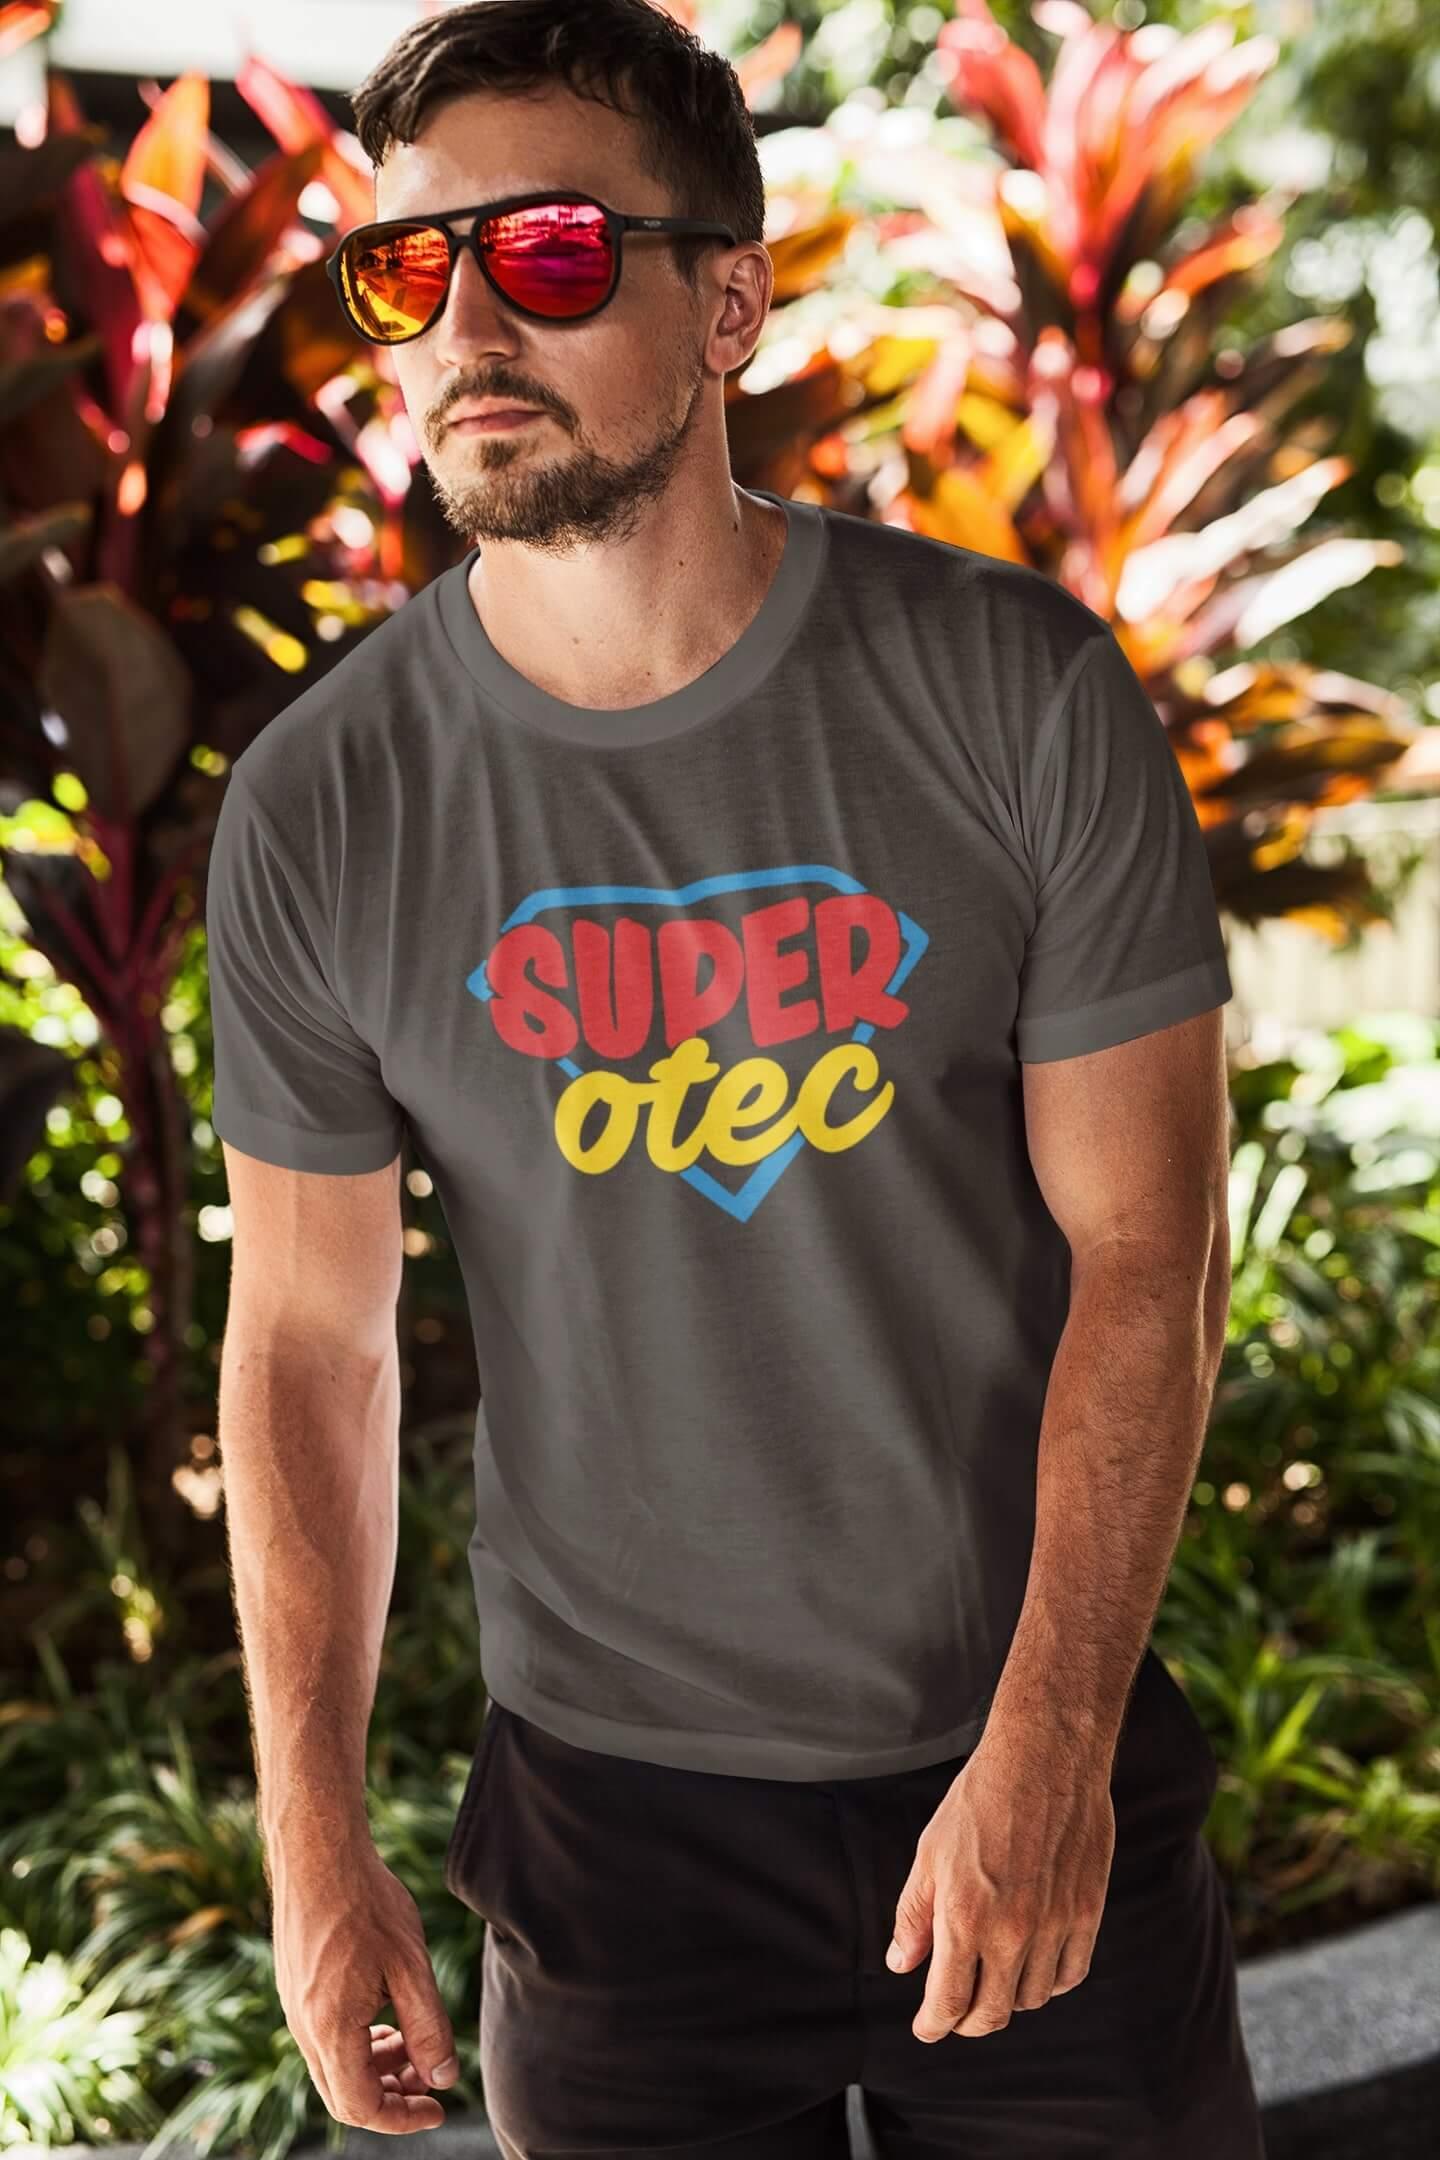 MMO Pánske tričko Superotec Vyberte farbu: Tmavá bridlica, Vyberte veľkosť: XL